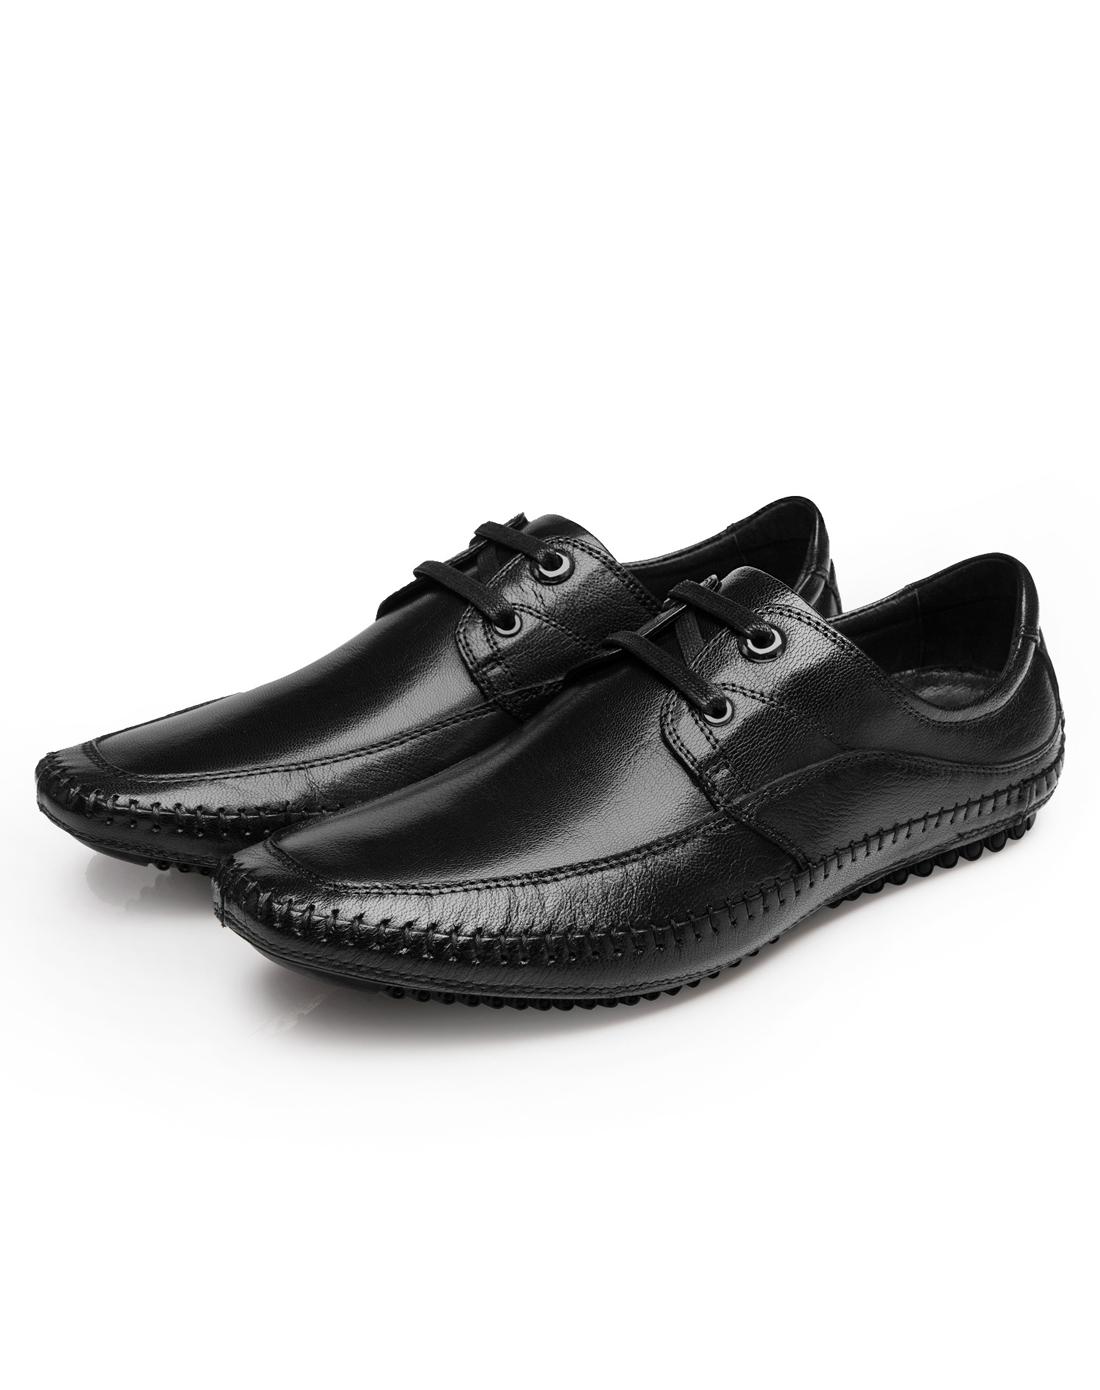 男鞋休闲皮鞋m9005a